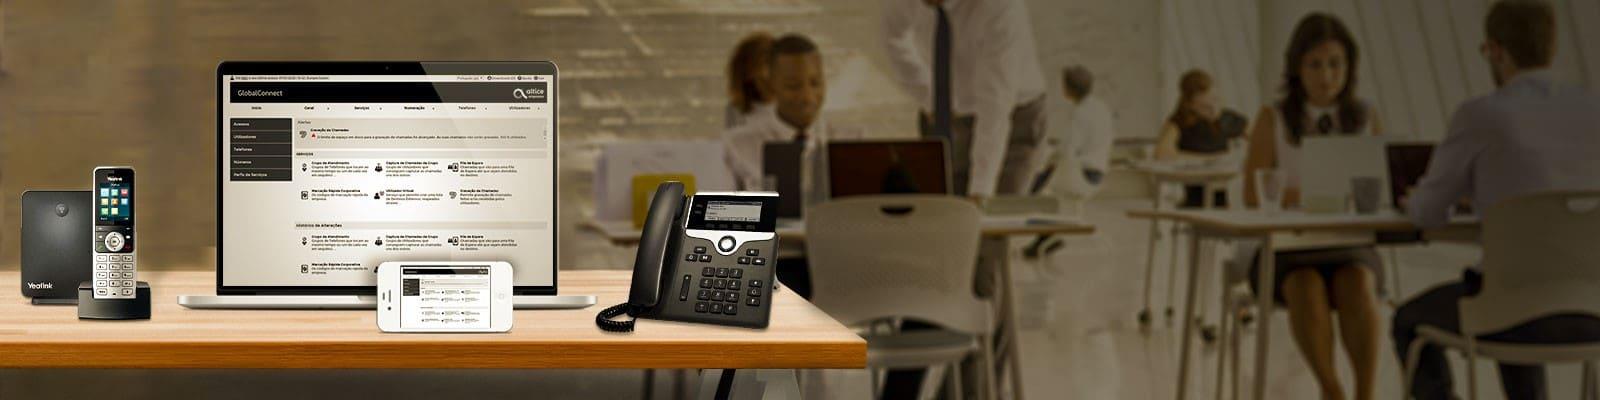 VoIP: O fim das linhas de rede RDIS está anunciado 3